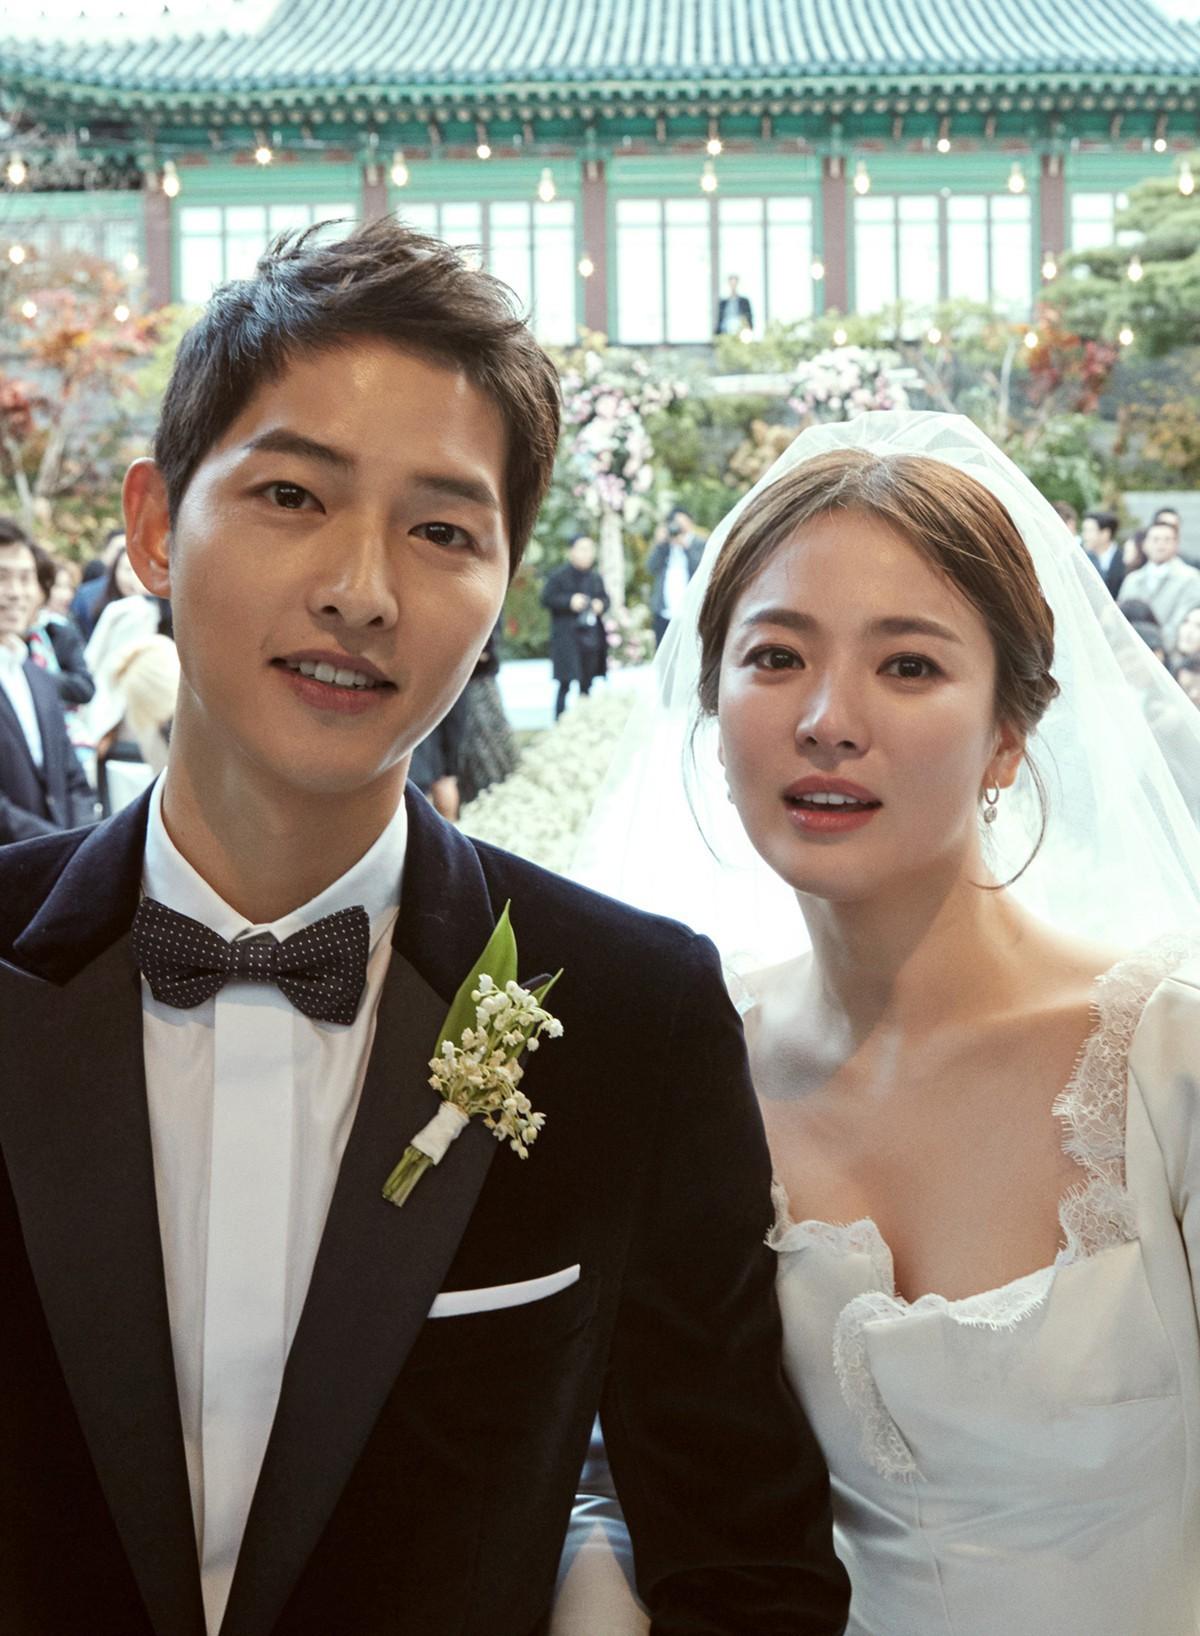 Top đám cưới có dàn khách mời khủng nhất xứ Hàn: Song Song lép vế trước Jang Dong Gun, Lee Byung Hun mời sao Hollywood - Ảnh 1.